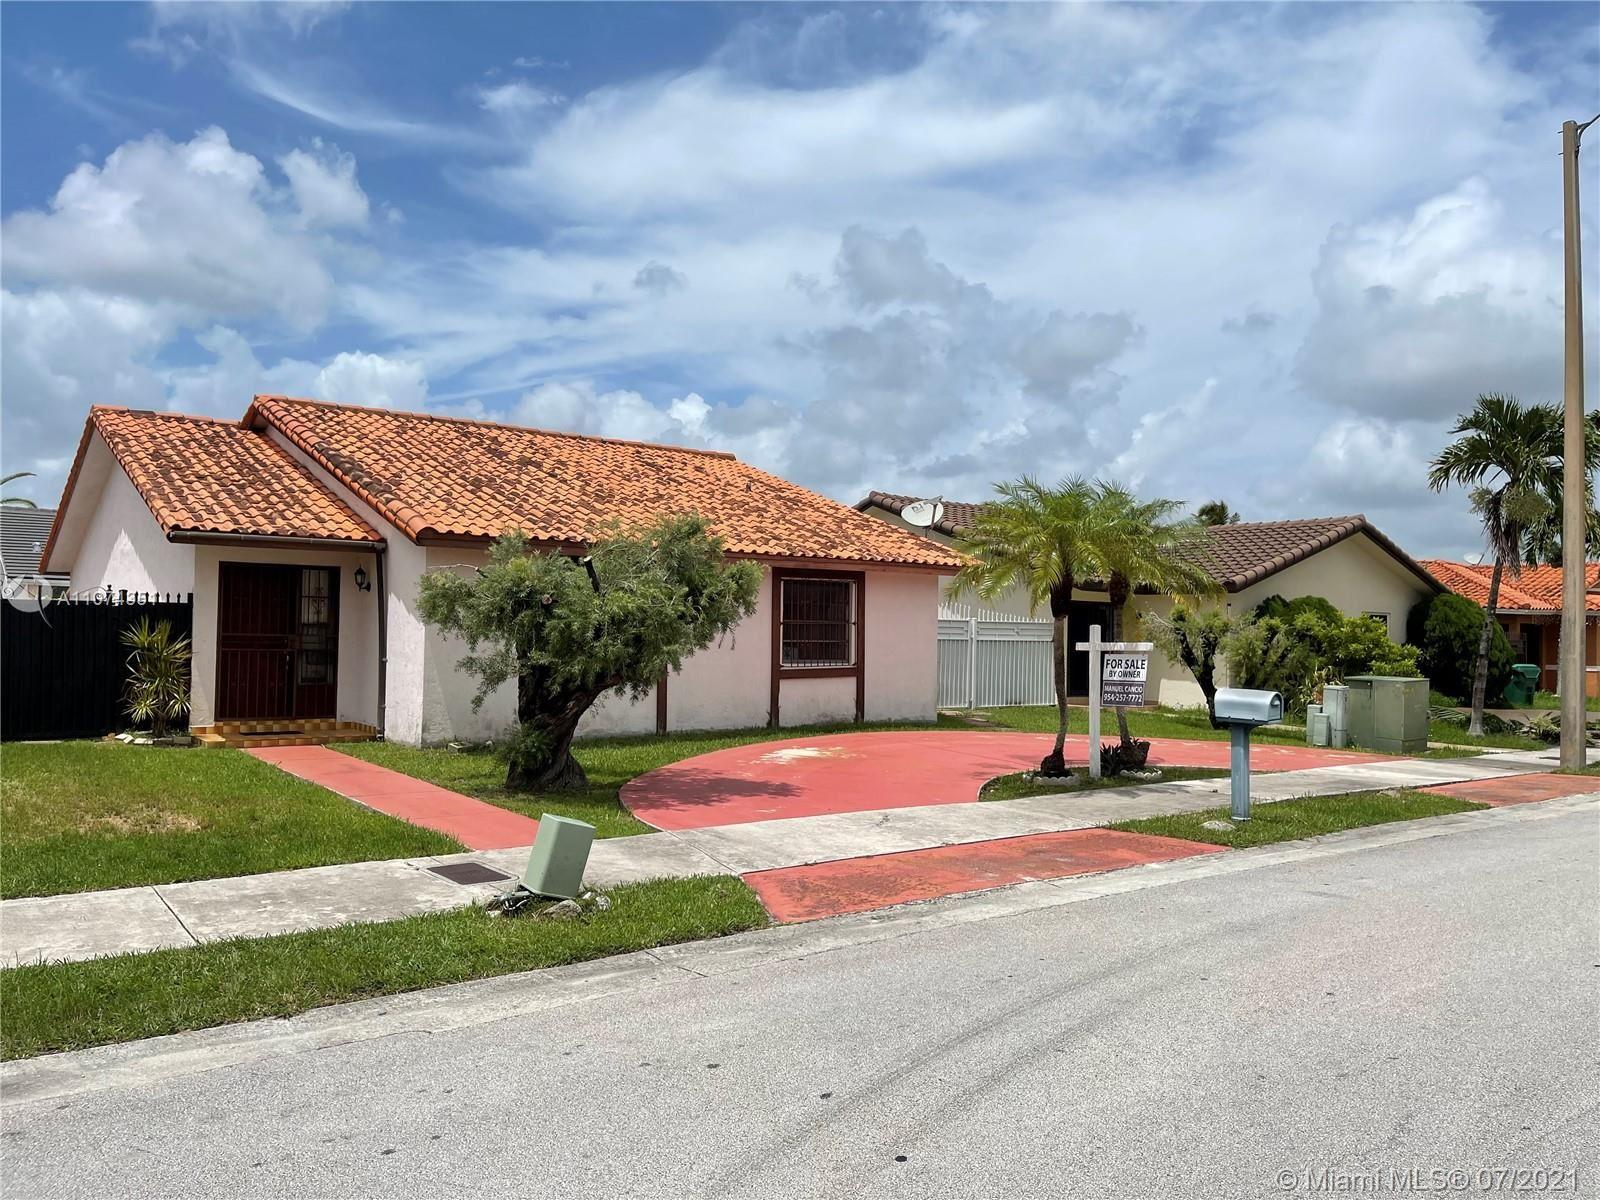 13755 SW 24th St, Miami, FL 33175 - #: A11074351